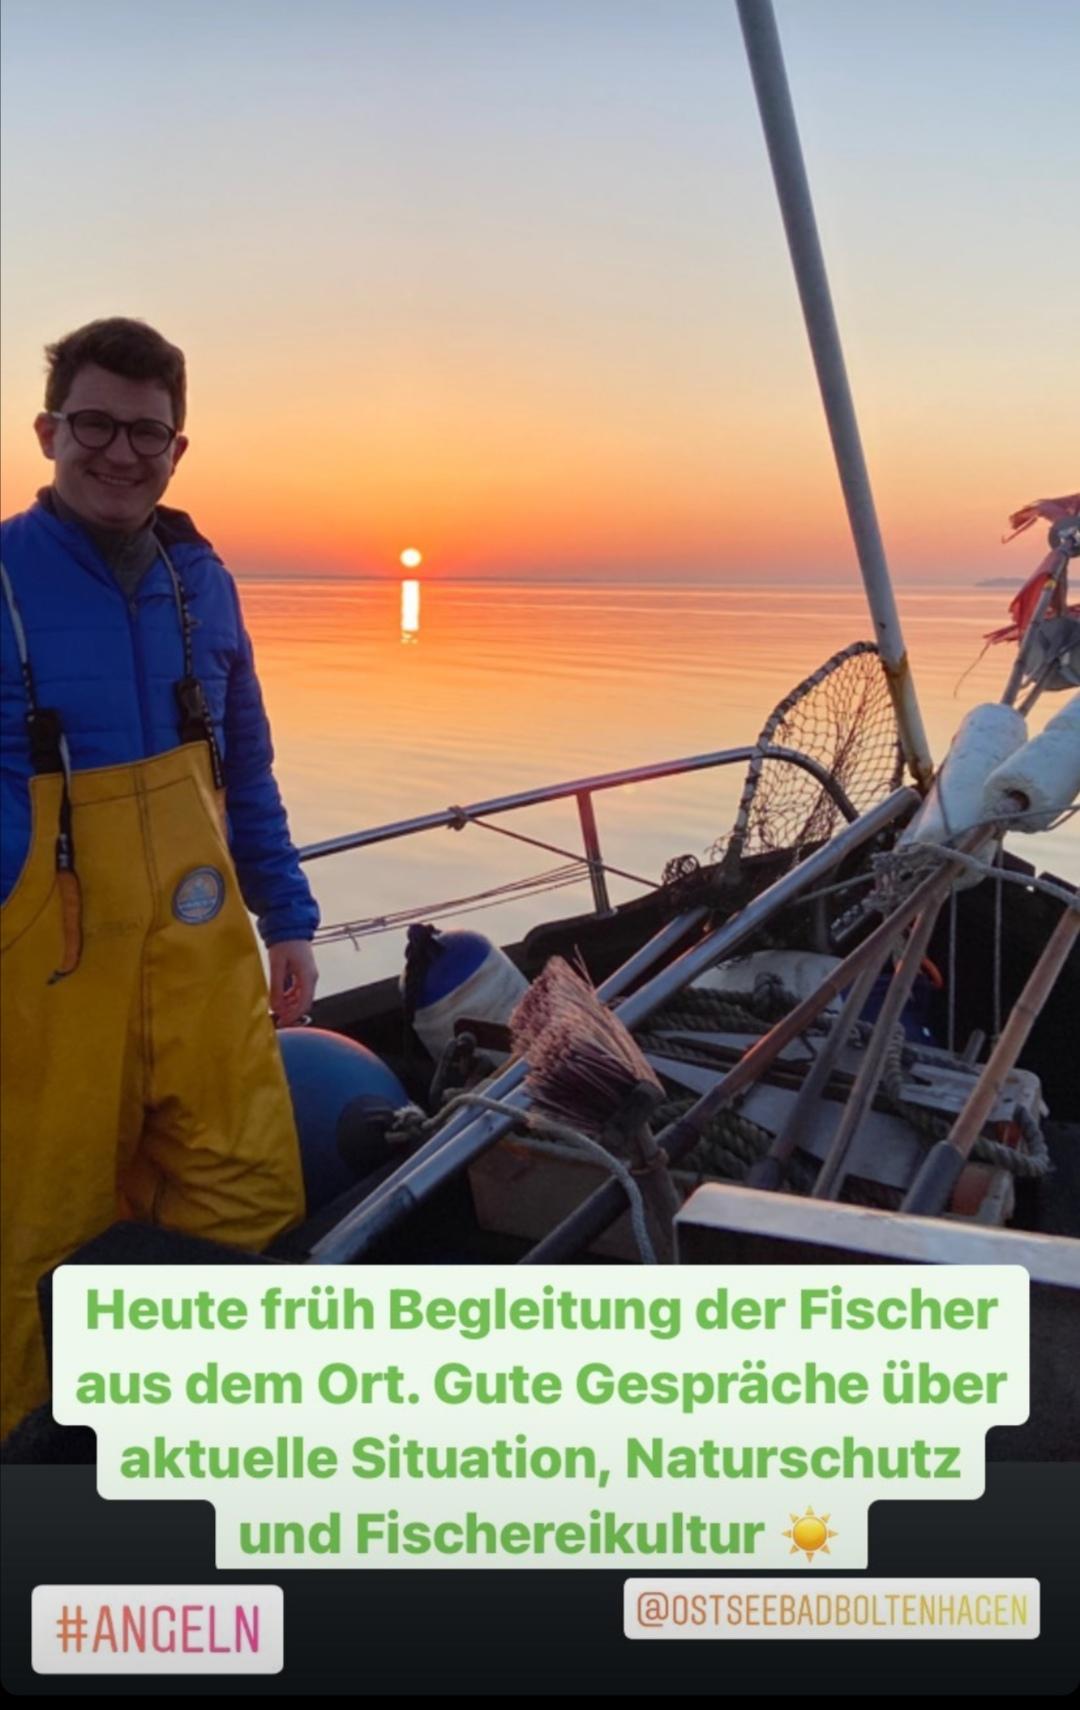 Gute Gespräche mit unseren Fischern